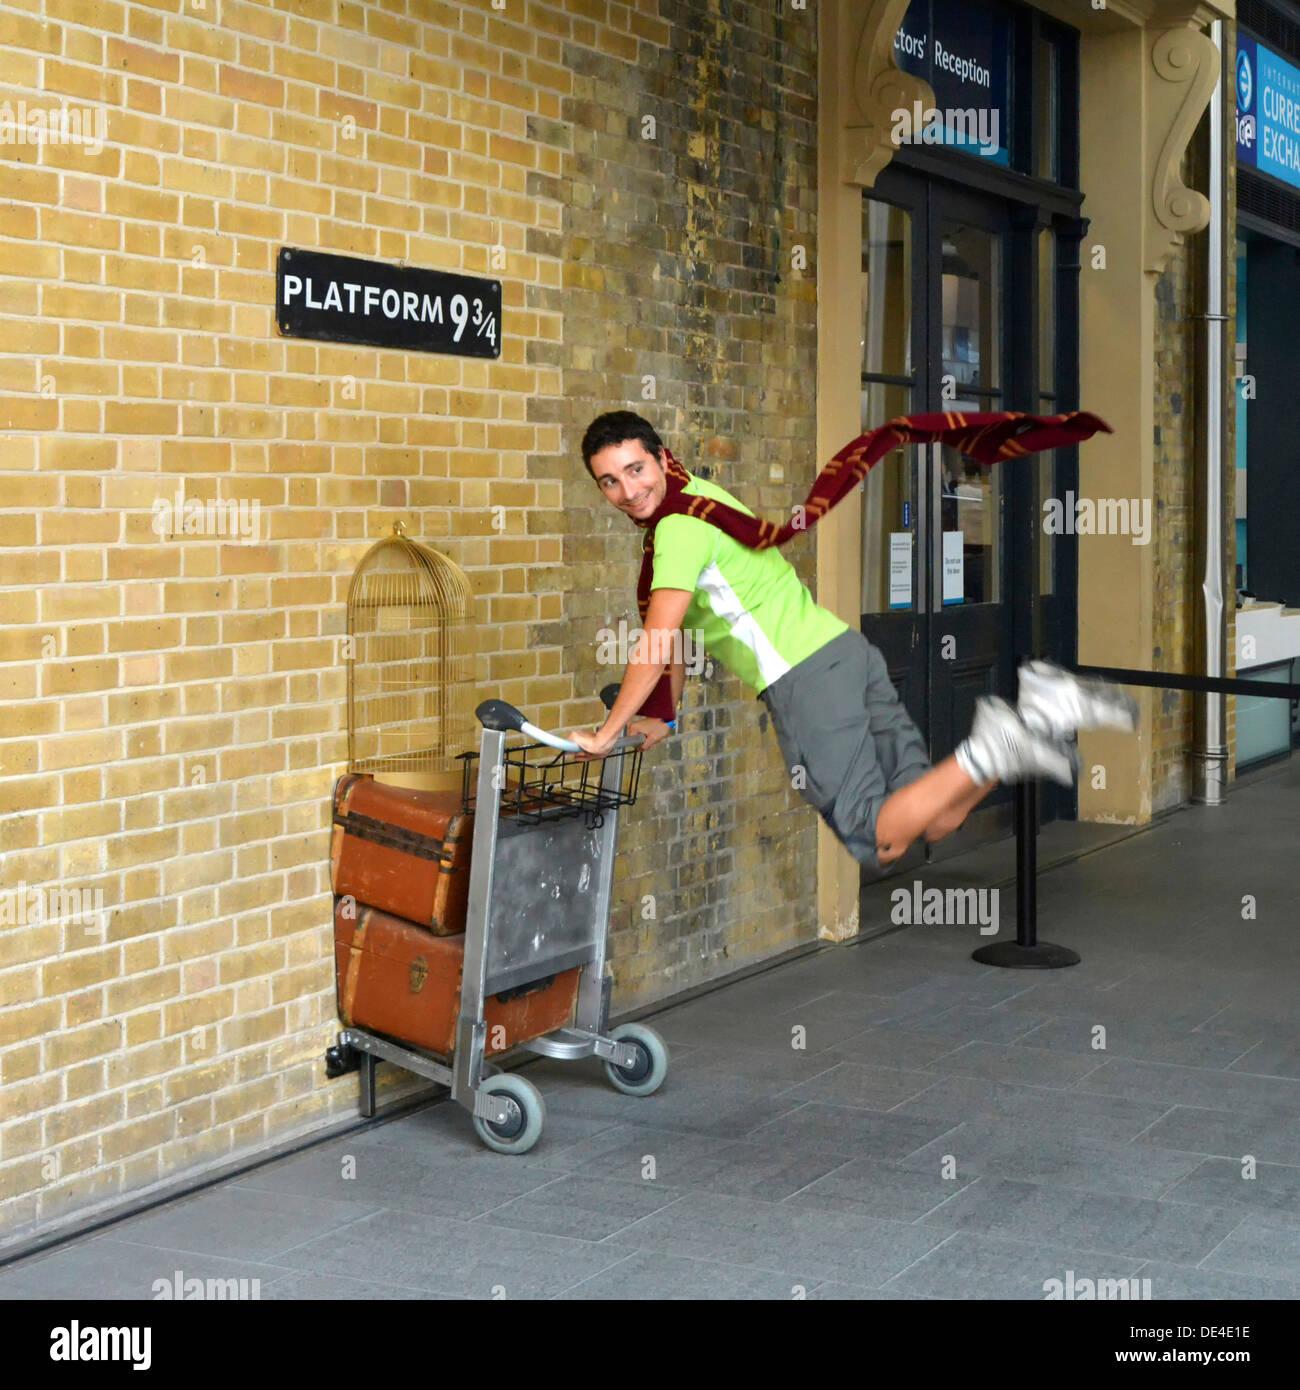 Fan di Harry Potter ricrea spingendo un carrello verso la piattaforma 9 e tre quarti dal film Kings Cross stazione ferroviaria Londra Inghilterra REGNO UNITO Immagini Stock